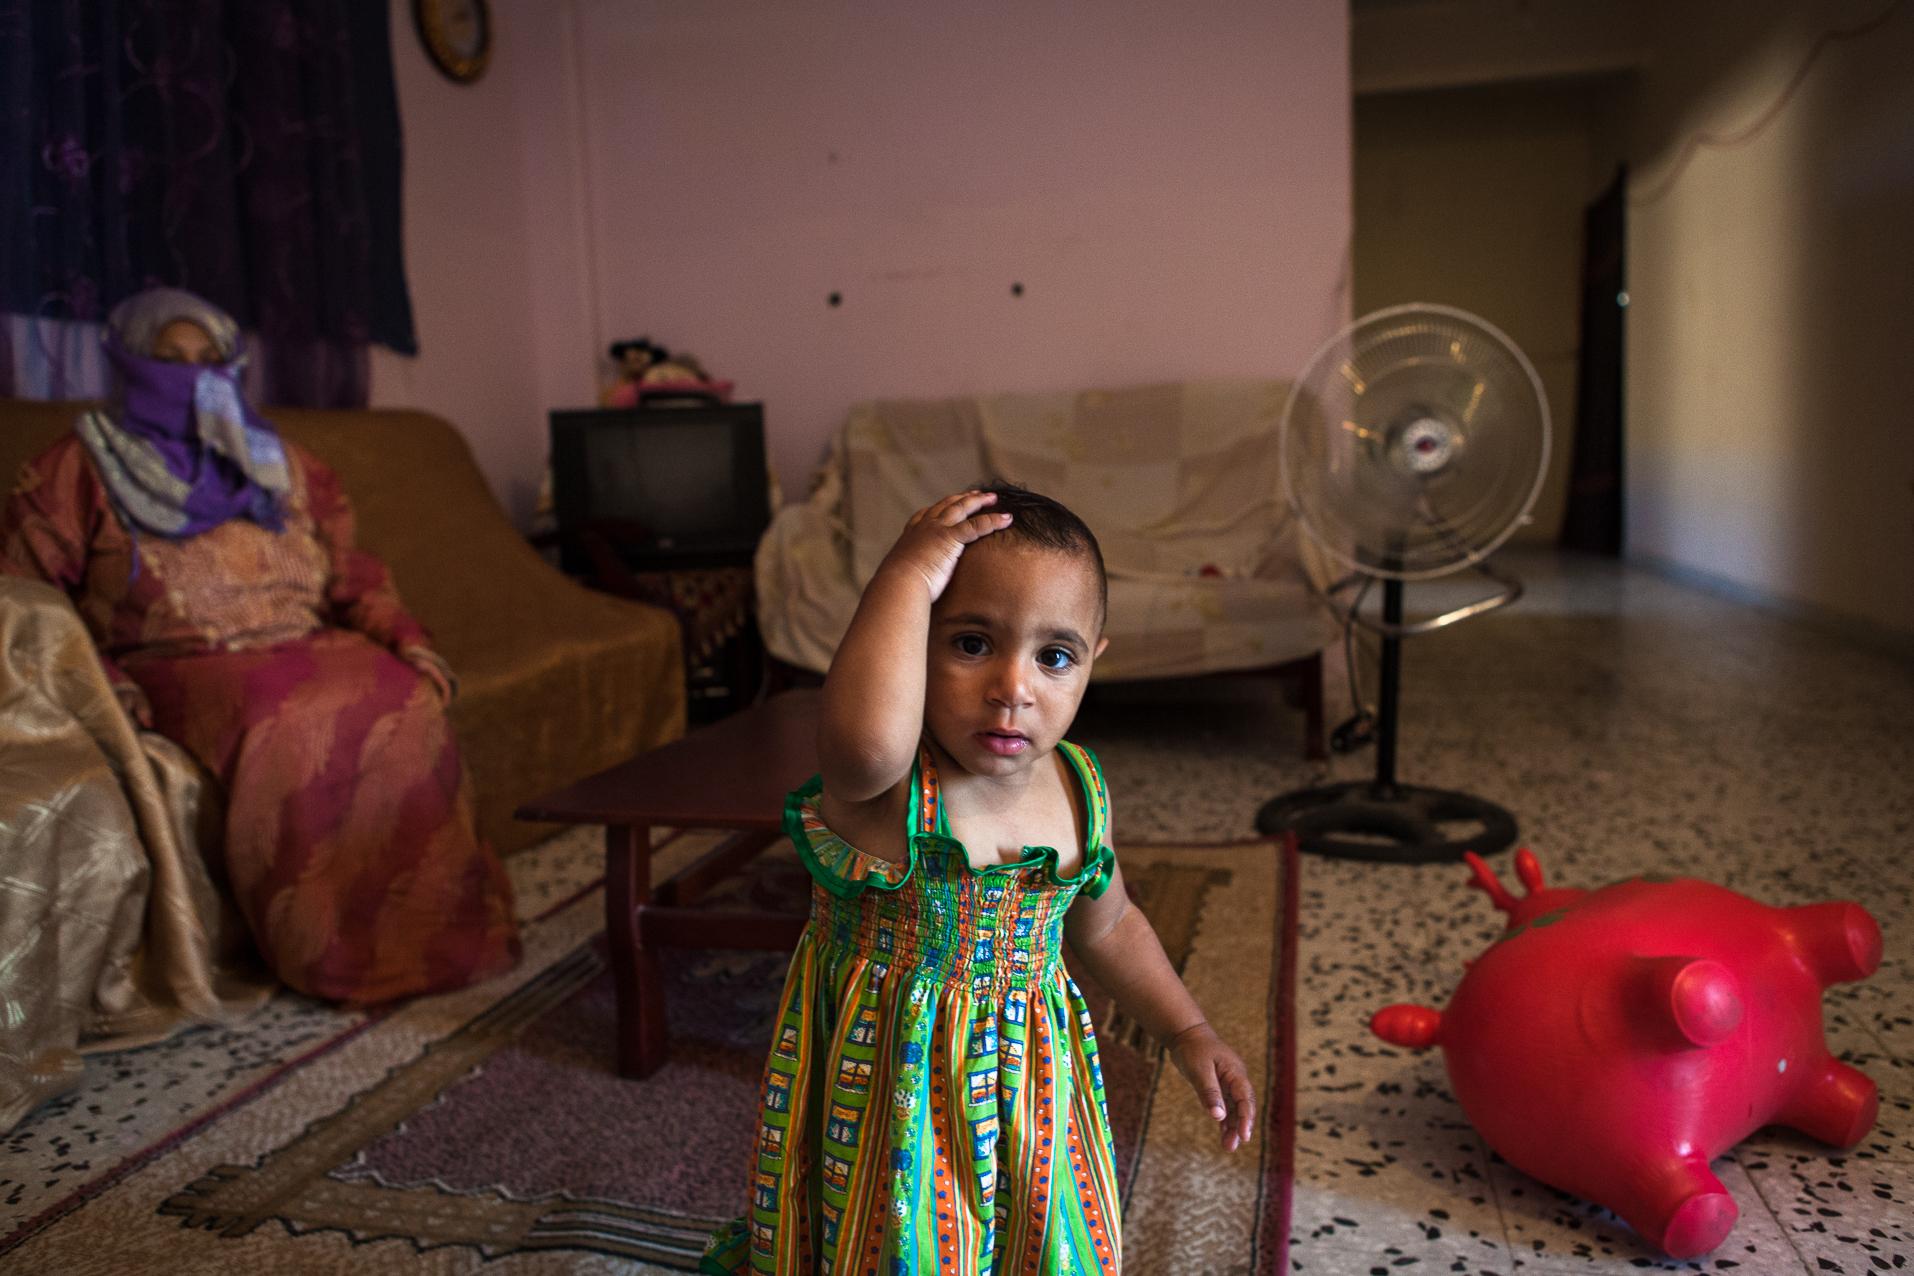 """Tripoli, 27 Juin 2012. Bab-al-Azizia, ancien bastion de Kadhafi au centre de Tripoli. Des familles démunies occupent les ruines de la place forte, devenue depuis un haut lieu de traffic (drogues, alcool, prostitution...). Cette femme dont le mari est très souvent absent doit s'occuper seule de sa fille handicapée. Un soir, elle sort de chez elle pour demander aux prostituées d'aller plus loin et d'arrêter le tapin. La nuit même, la façade de leur """"appartement"""" est mitraillé par les milices organisant les trafics dans le complexe. Face aux menaces, elle se dit prête à se battre pour protéger sa famille.  Tripoli, June 27, 2012. Bab al-Azizia, Gaddafi's former stronghold in central Tripoli. Poor families occupy the ruins of the fortress, which has since become a mecca for traffic (drugs, alcohol, prostitution ...). The woman whose husband is often absent, must take care of her disabled daughter alone. One night she came out the door to ask prostitutes to go further and stop the hustler. The same night, the facade of their """"apartment"""" was shot by the militia organizing traffic in the complex. Face of threats, she is willing to fight to protect her family."""